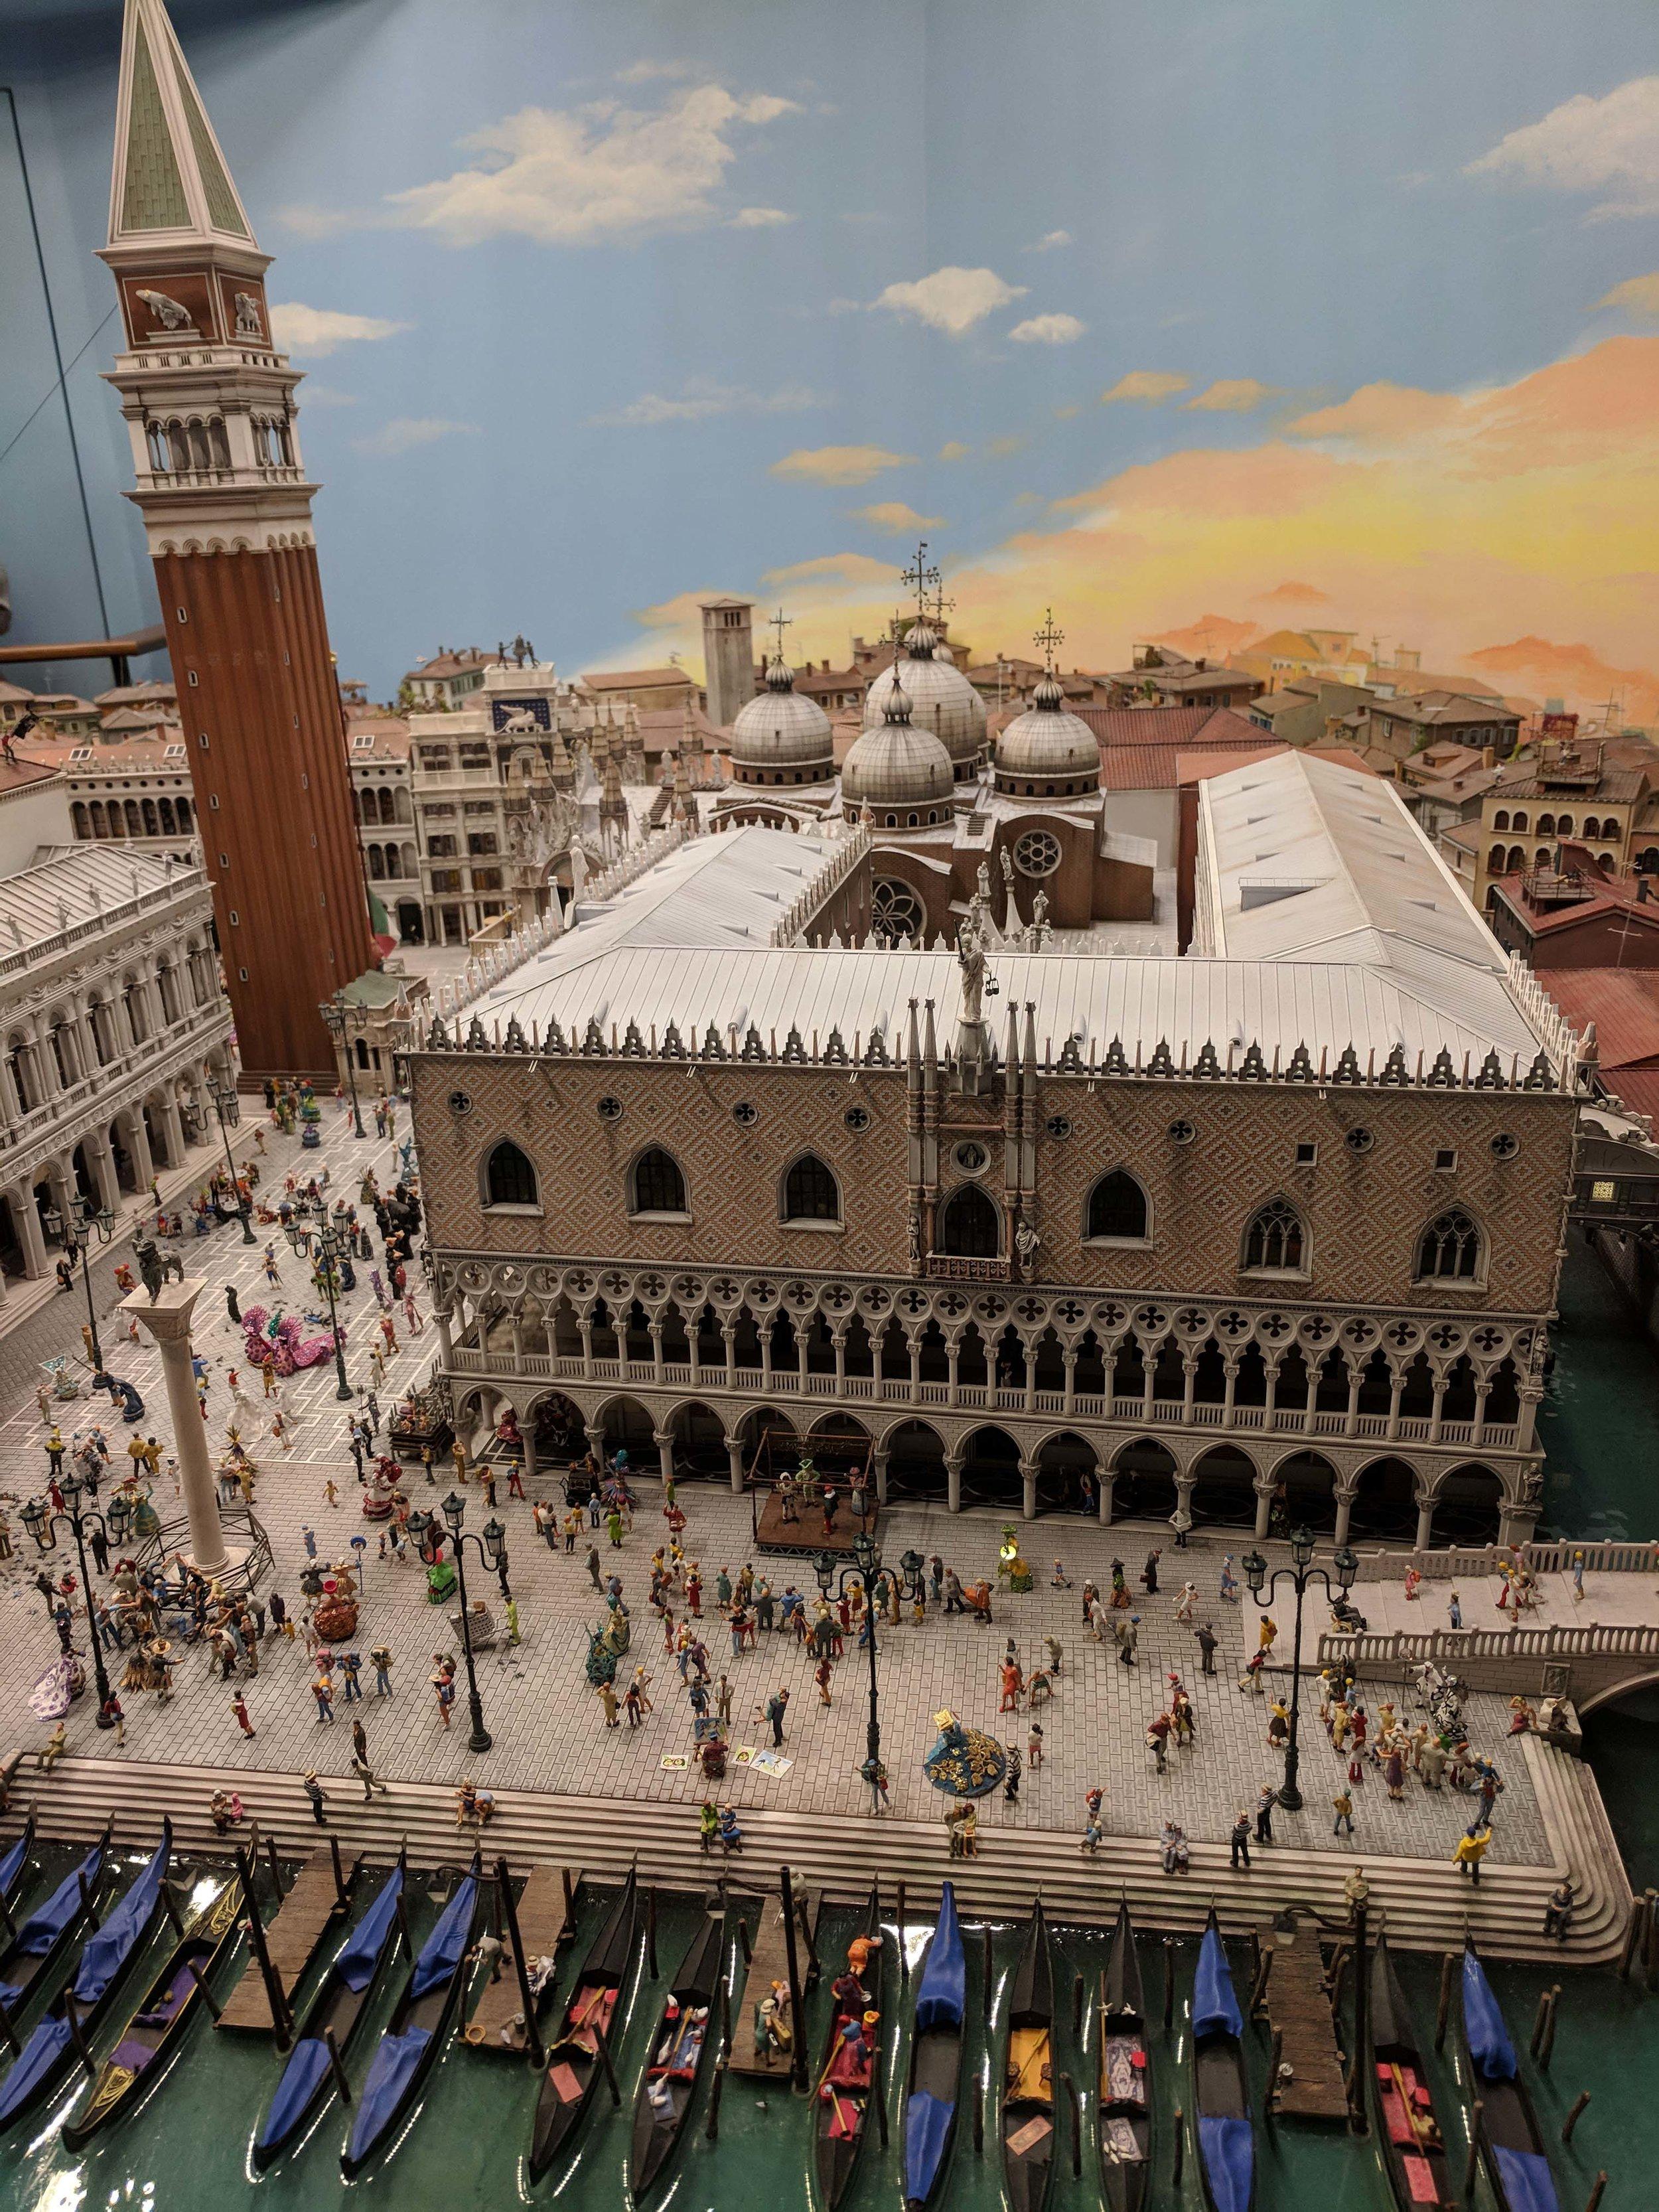 Miniature Venice